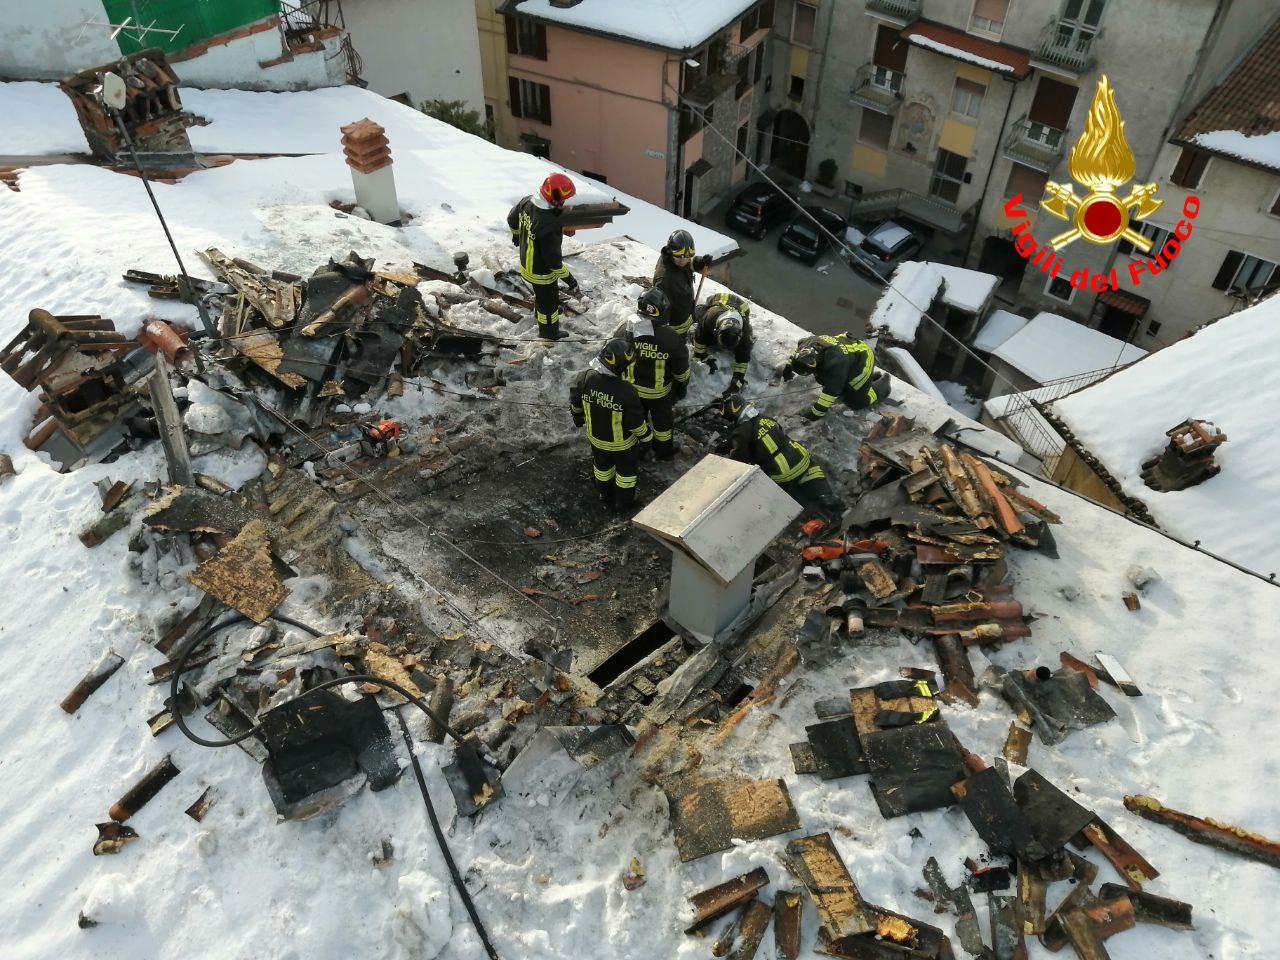 Tetto in fiamme a Lodrino, nessun ferito